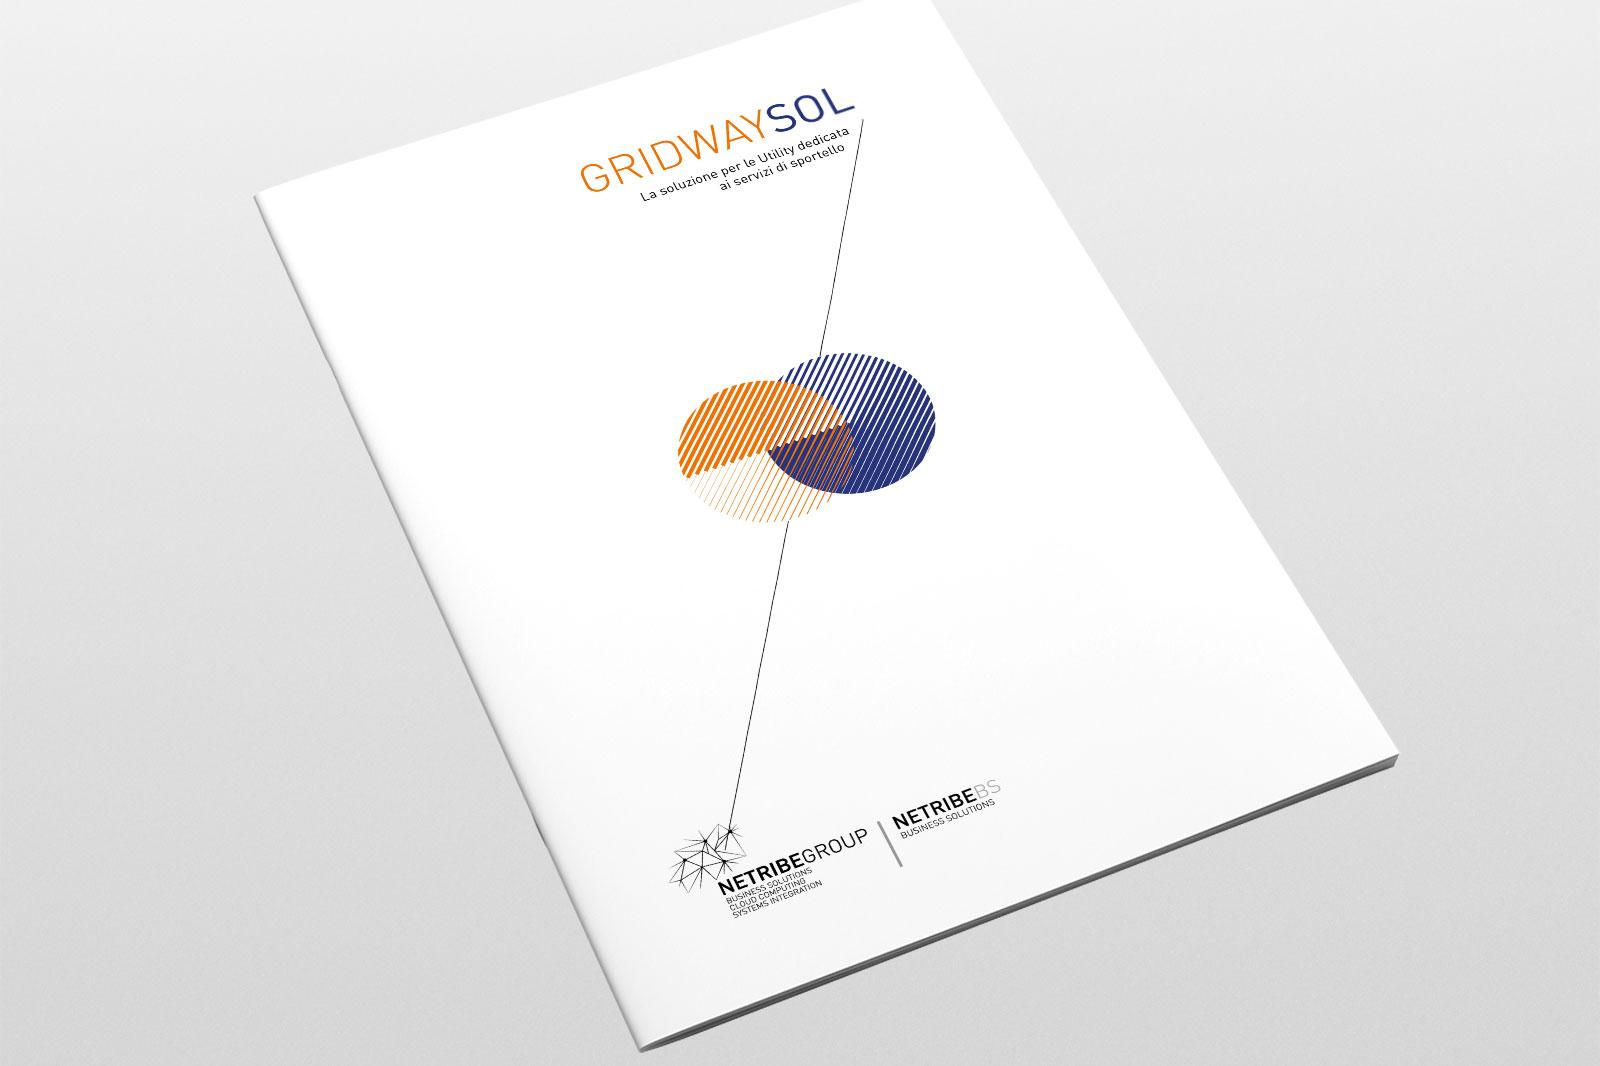 NETRIBE-brochure-copertina-gridwaysol